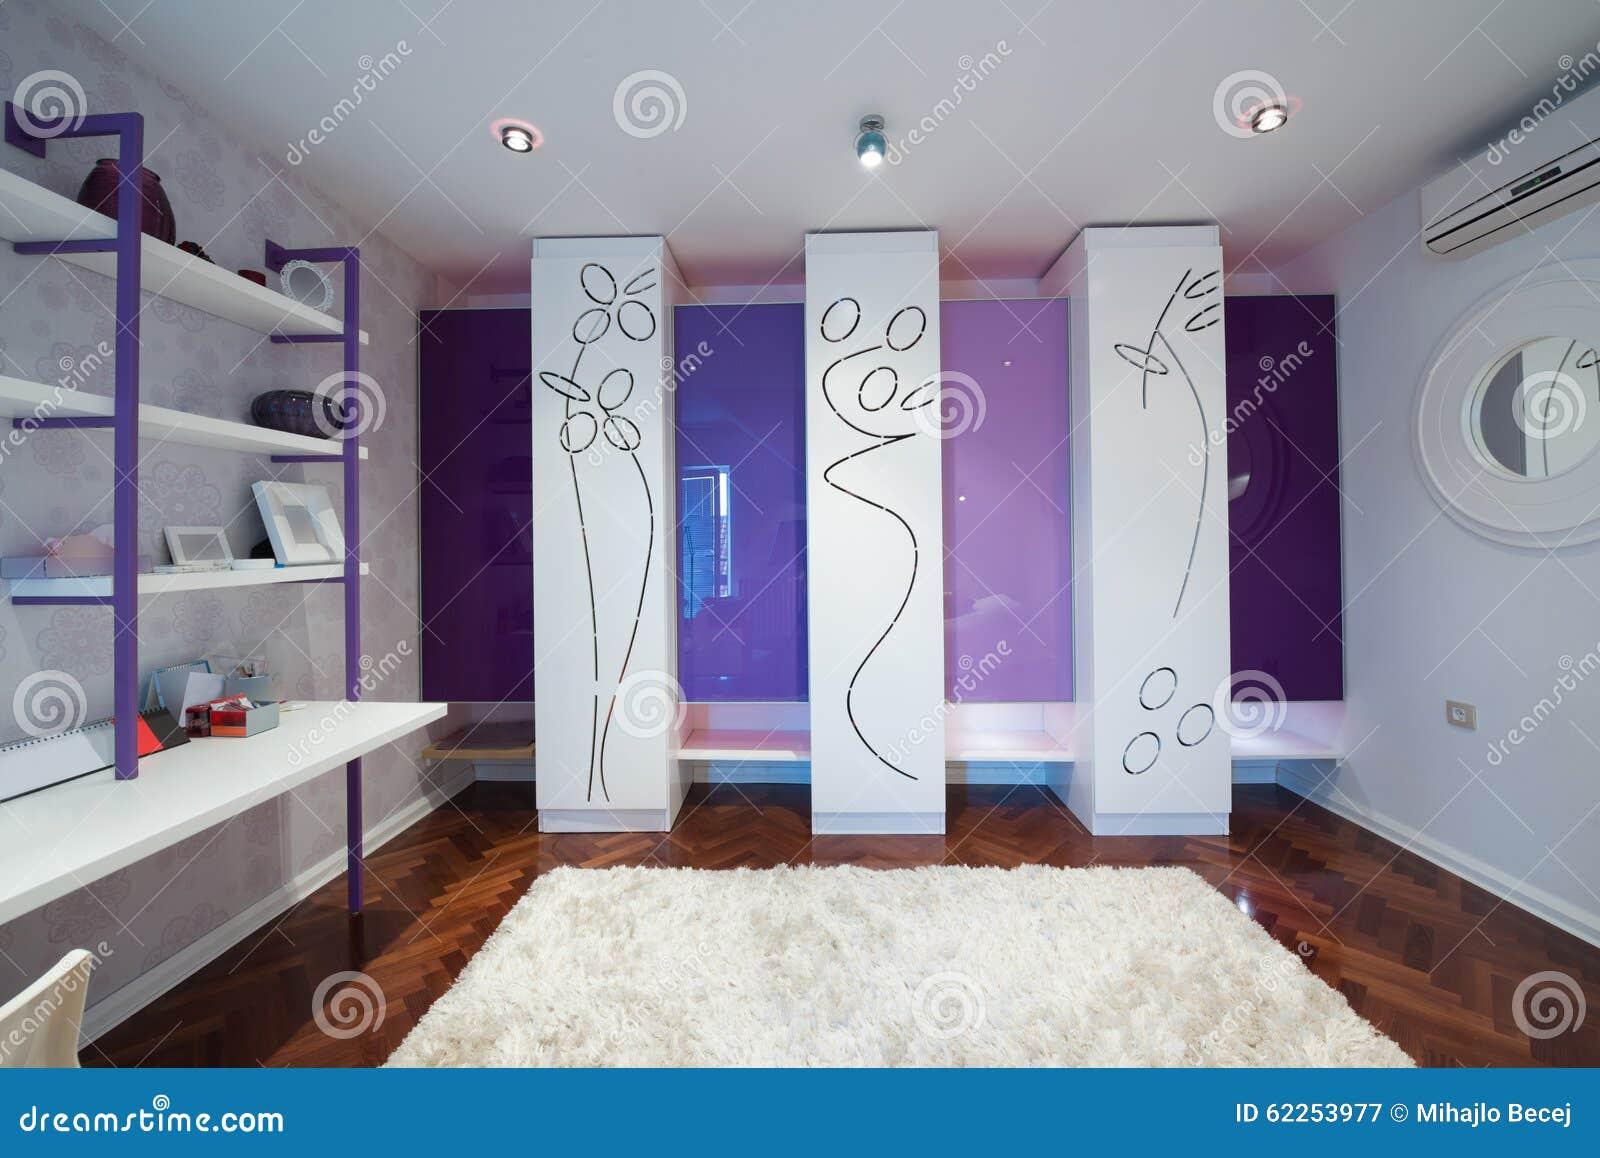 Innenraum einer modernen umkleidekabine mit modernem wandschrank